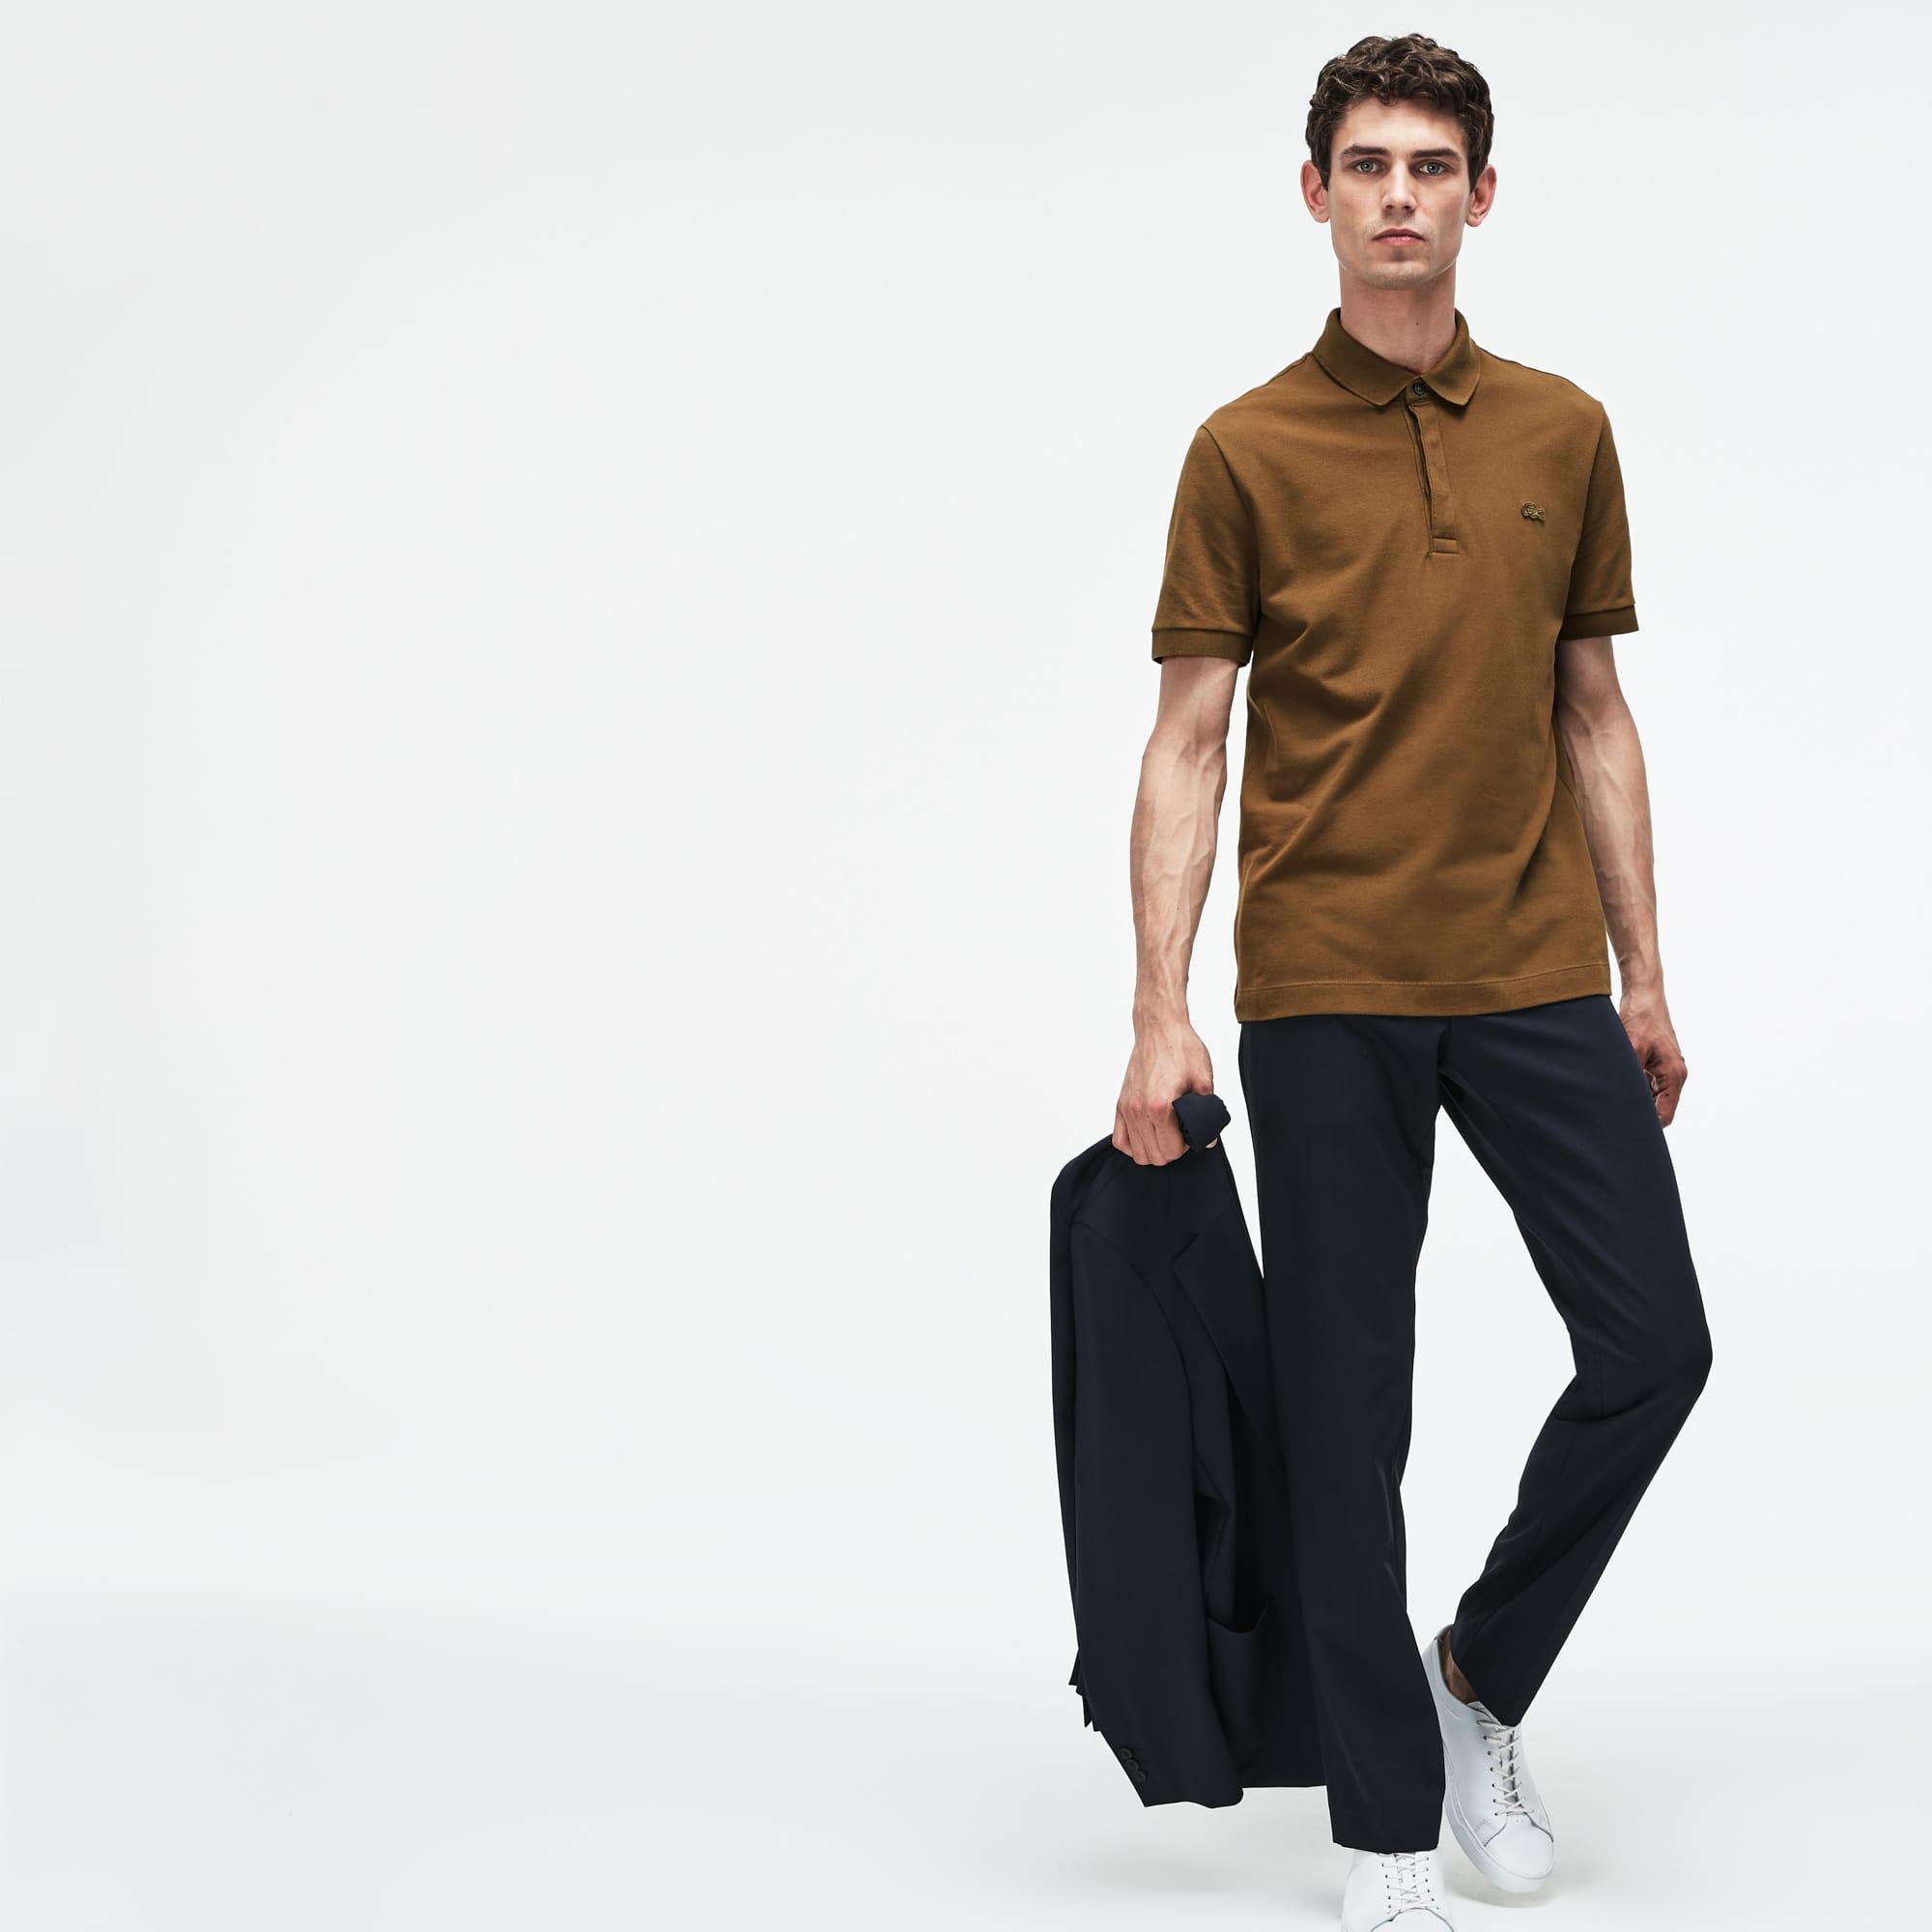 fe11579e42 Men's Lacoste Paris Polo Shirt Regular Fit Stretch Cotton Piqué